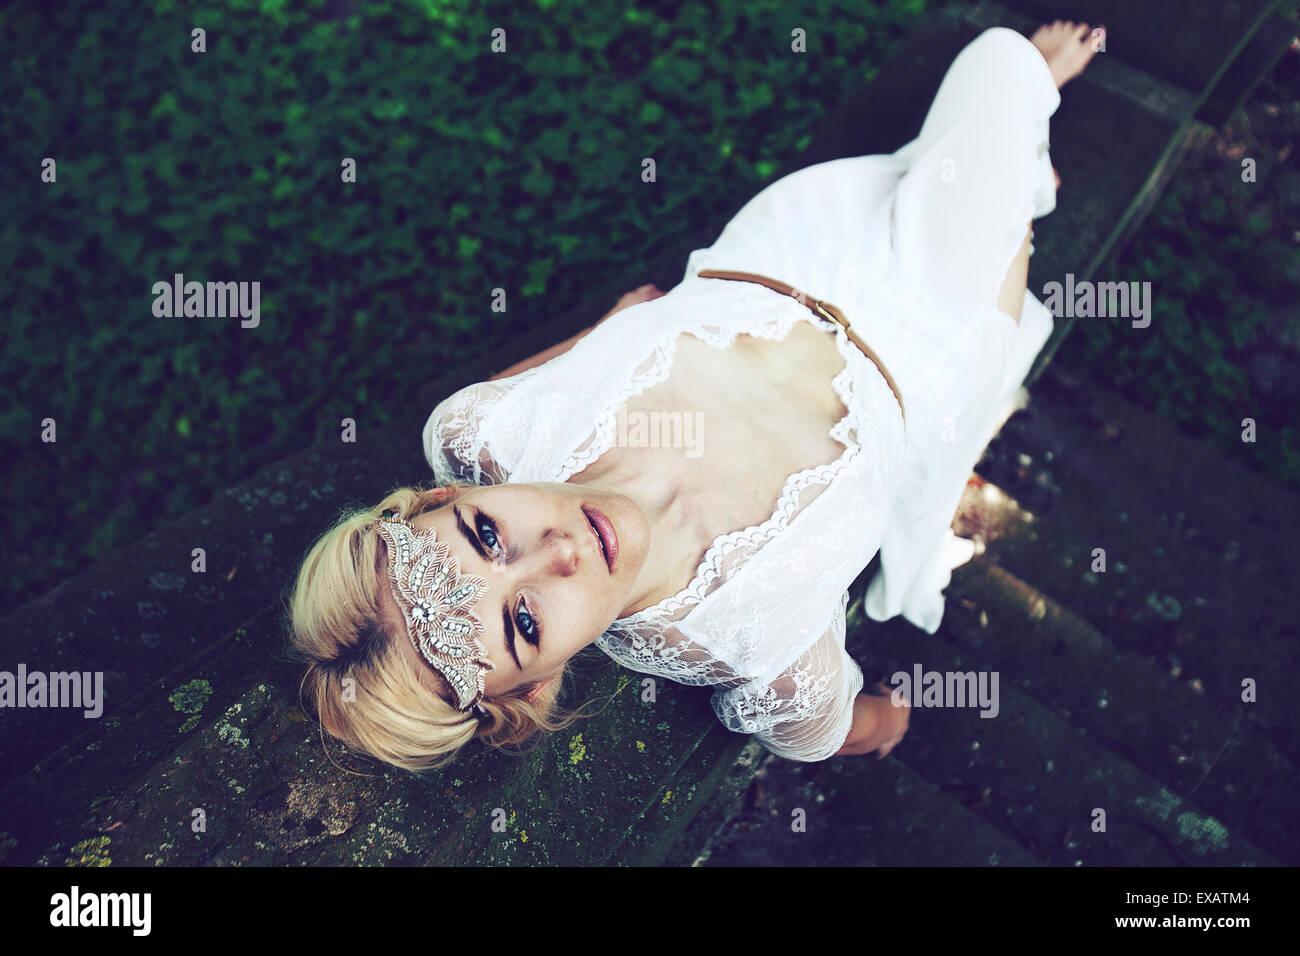 junge Frau liegt im weißen Top Kleid auf Treppen im Holz Stockbild